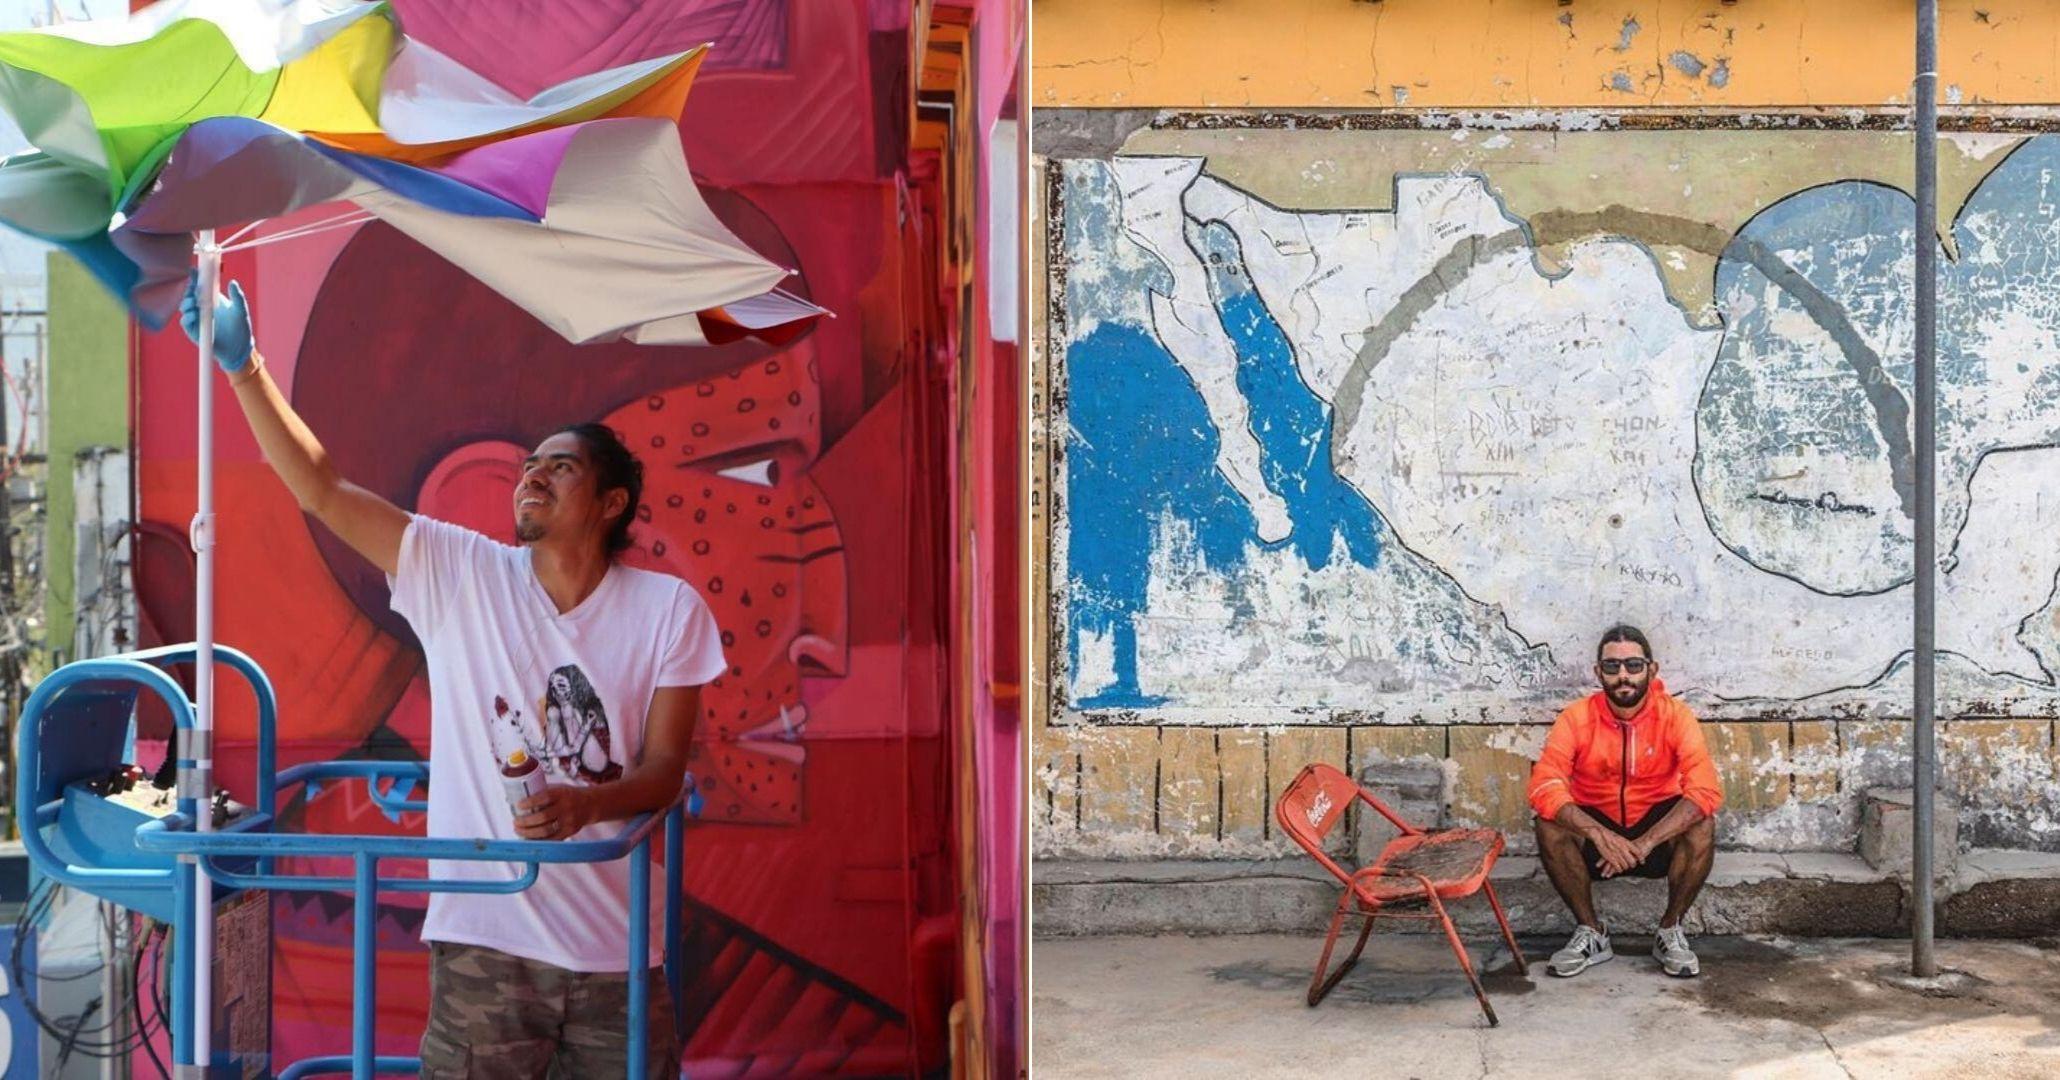 fotografía de Saner pintando y de Santiago Arau sentado